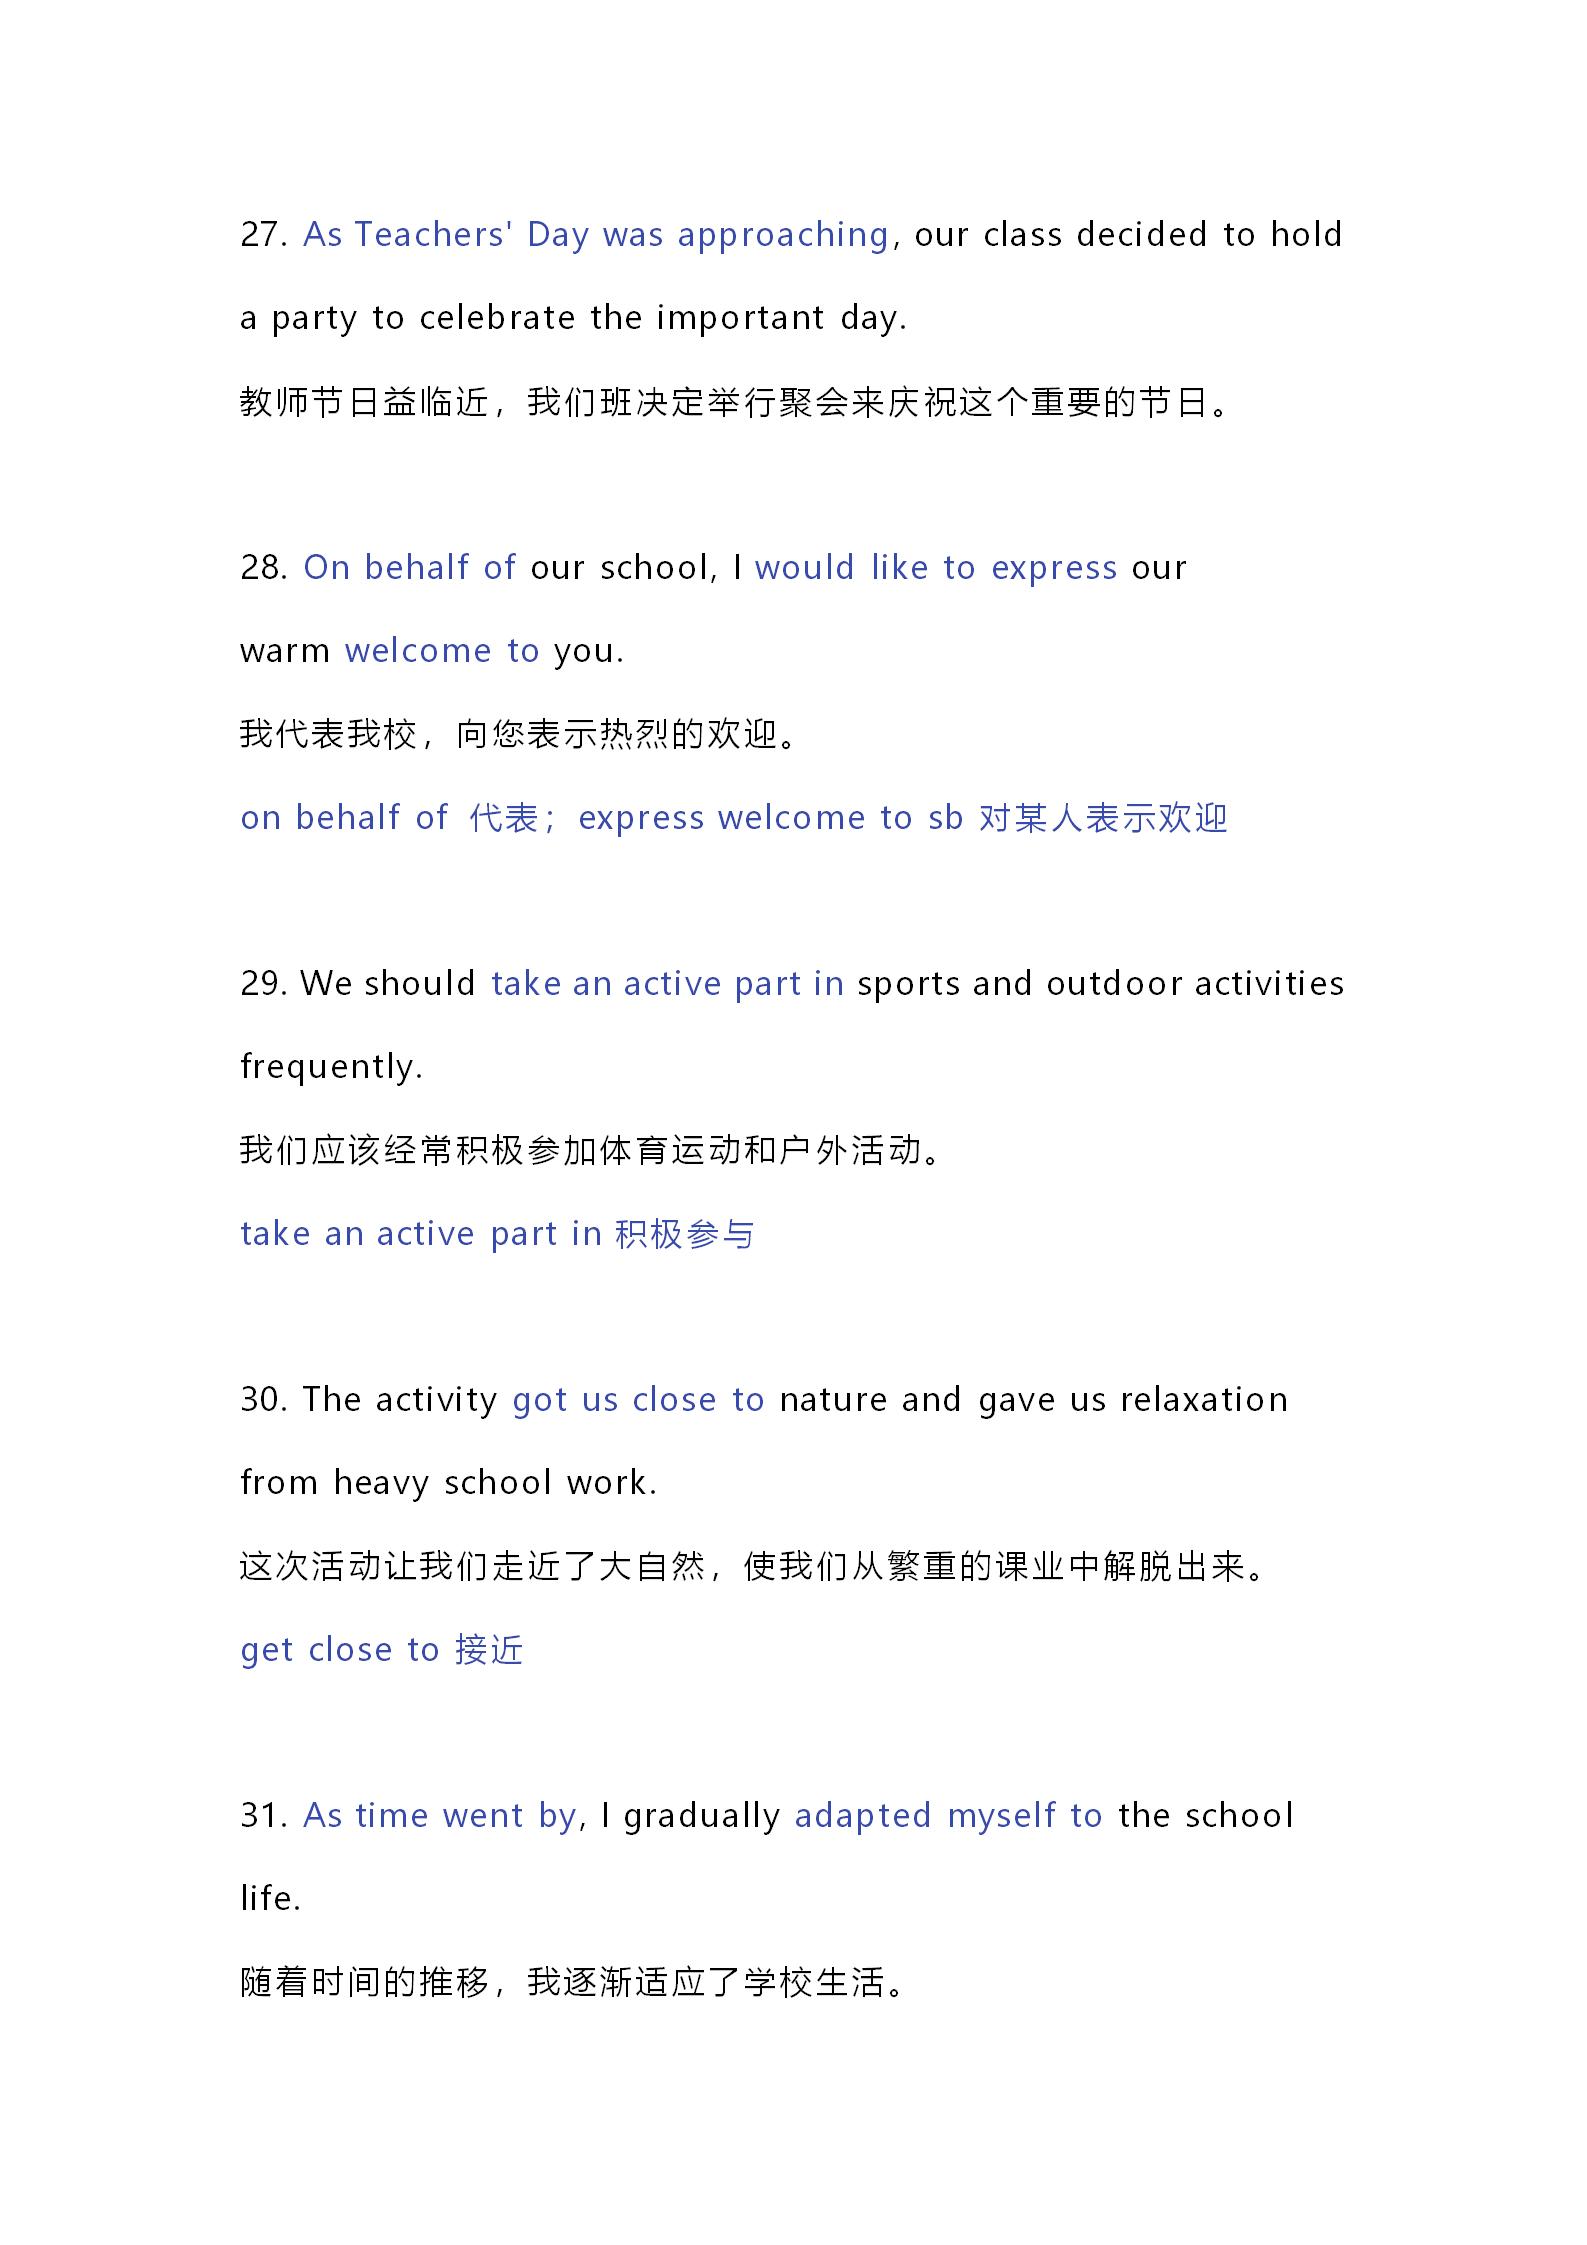 100个高考英语作文金句_07.png